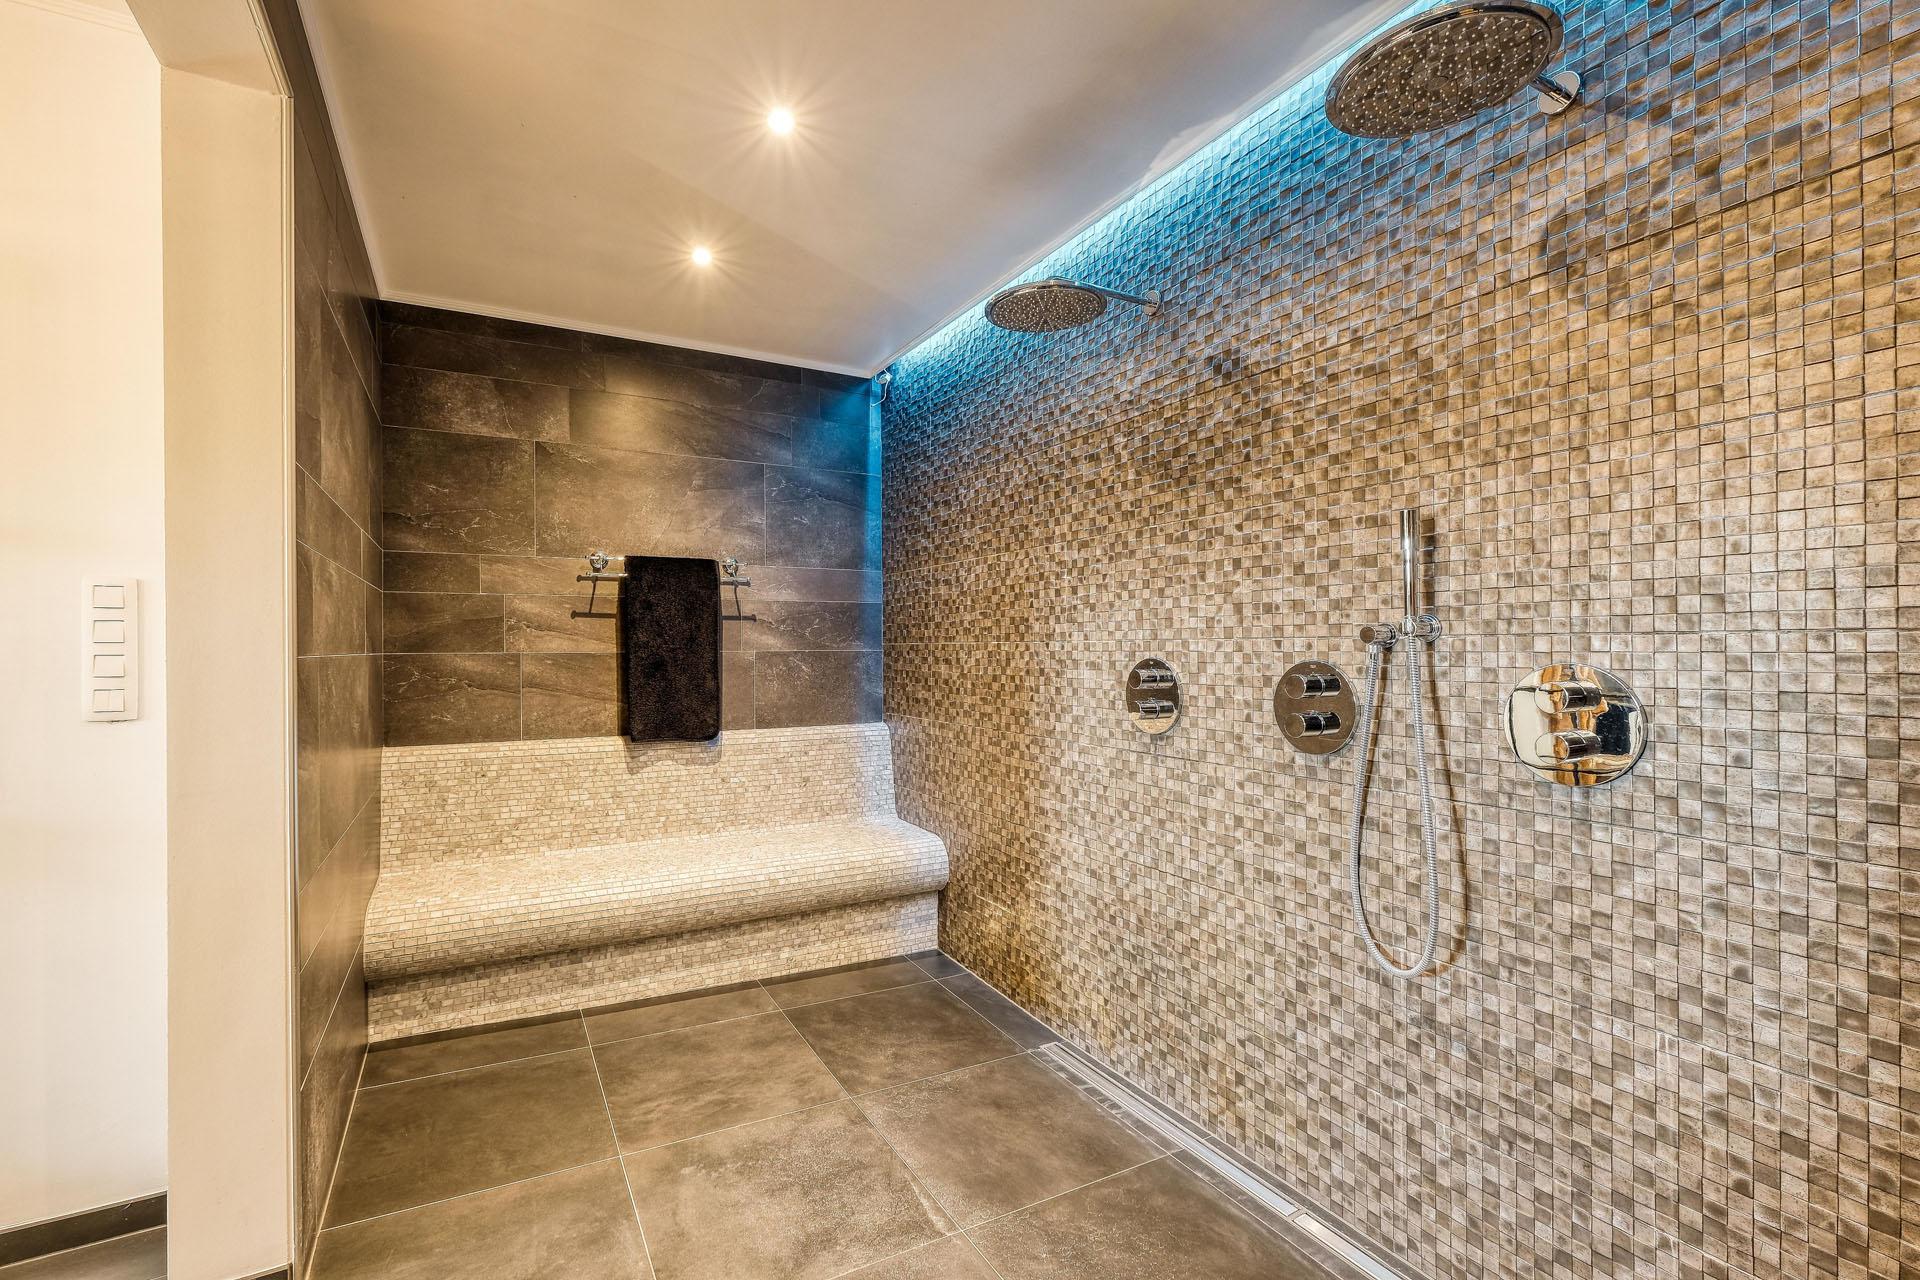 B&W Badkamers | Badkamers en badkamerrenovatie in Heist-op-den-Berg | Inloopdouche met SPA-gevoel